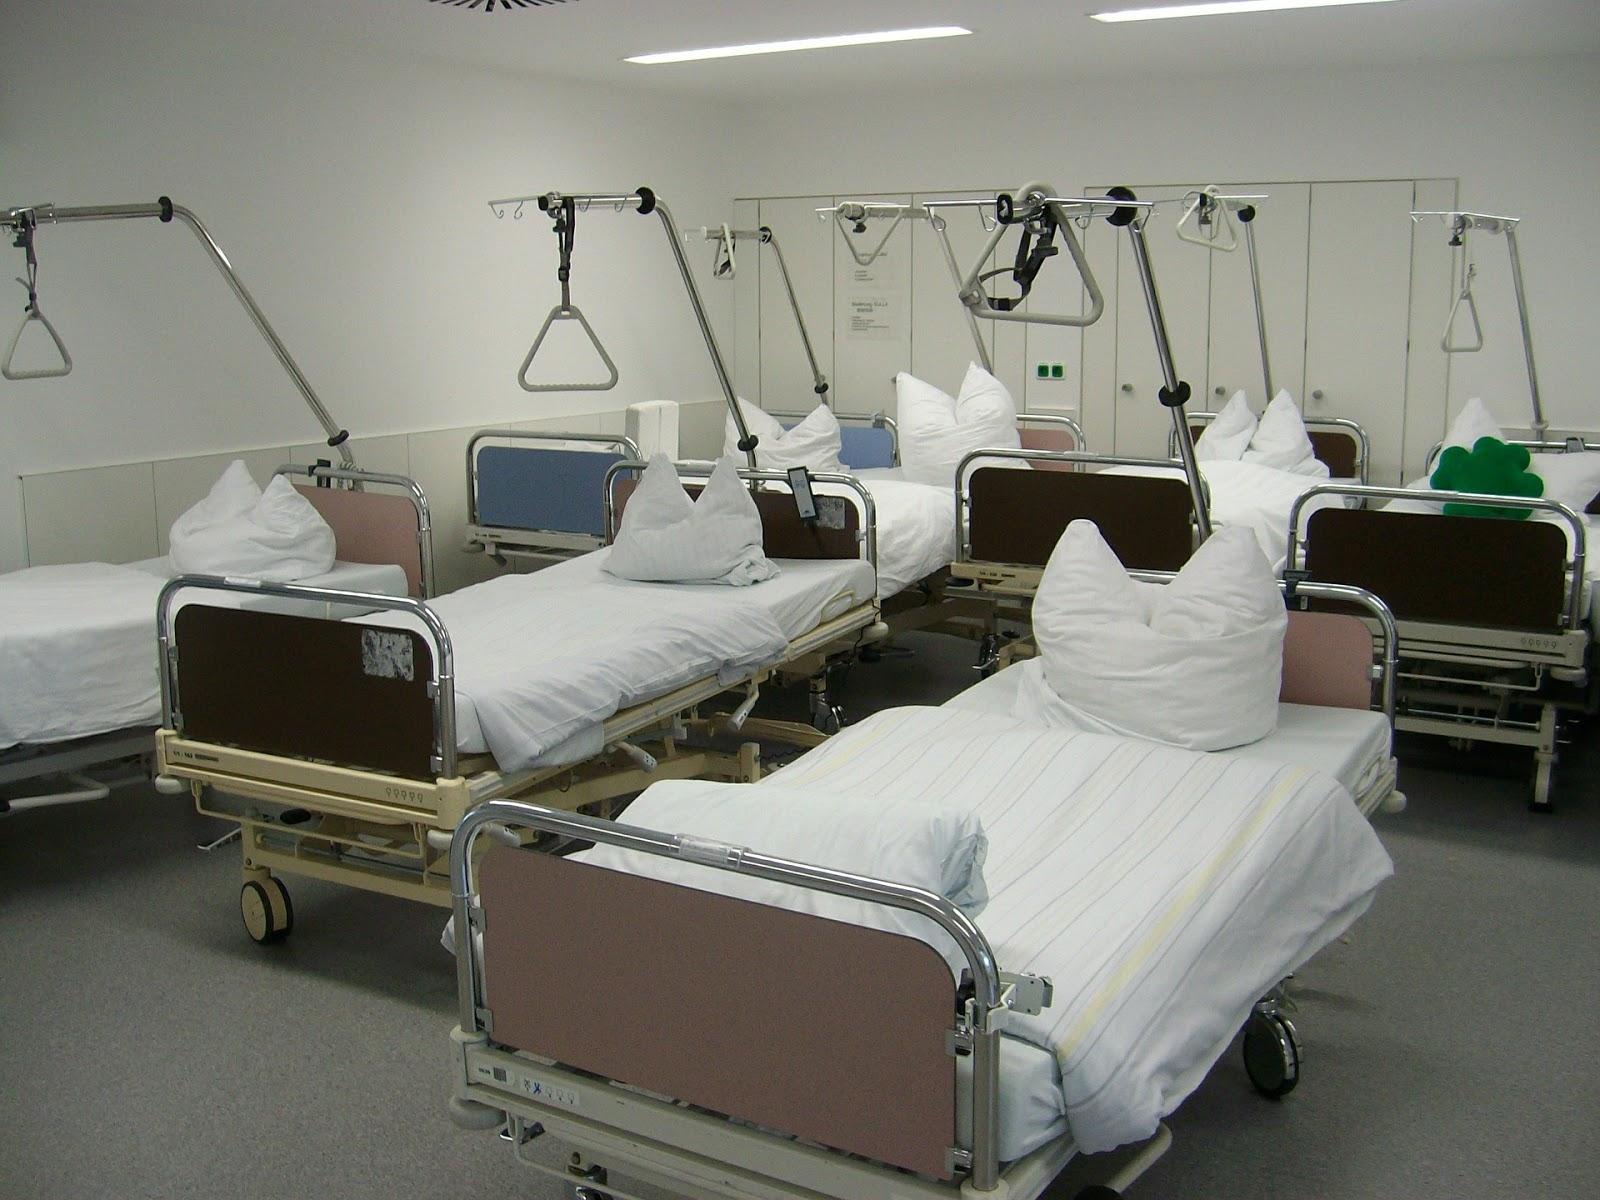 Suami Dokter Mencuri Tempat Tidur Pasien, Penyelesaiannya Hanya Minta Maaf